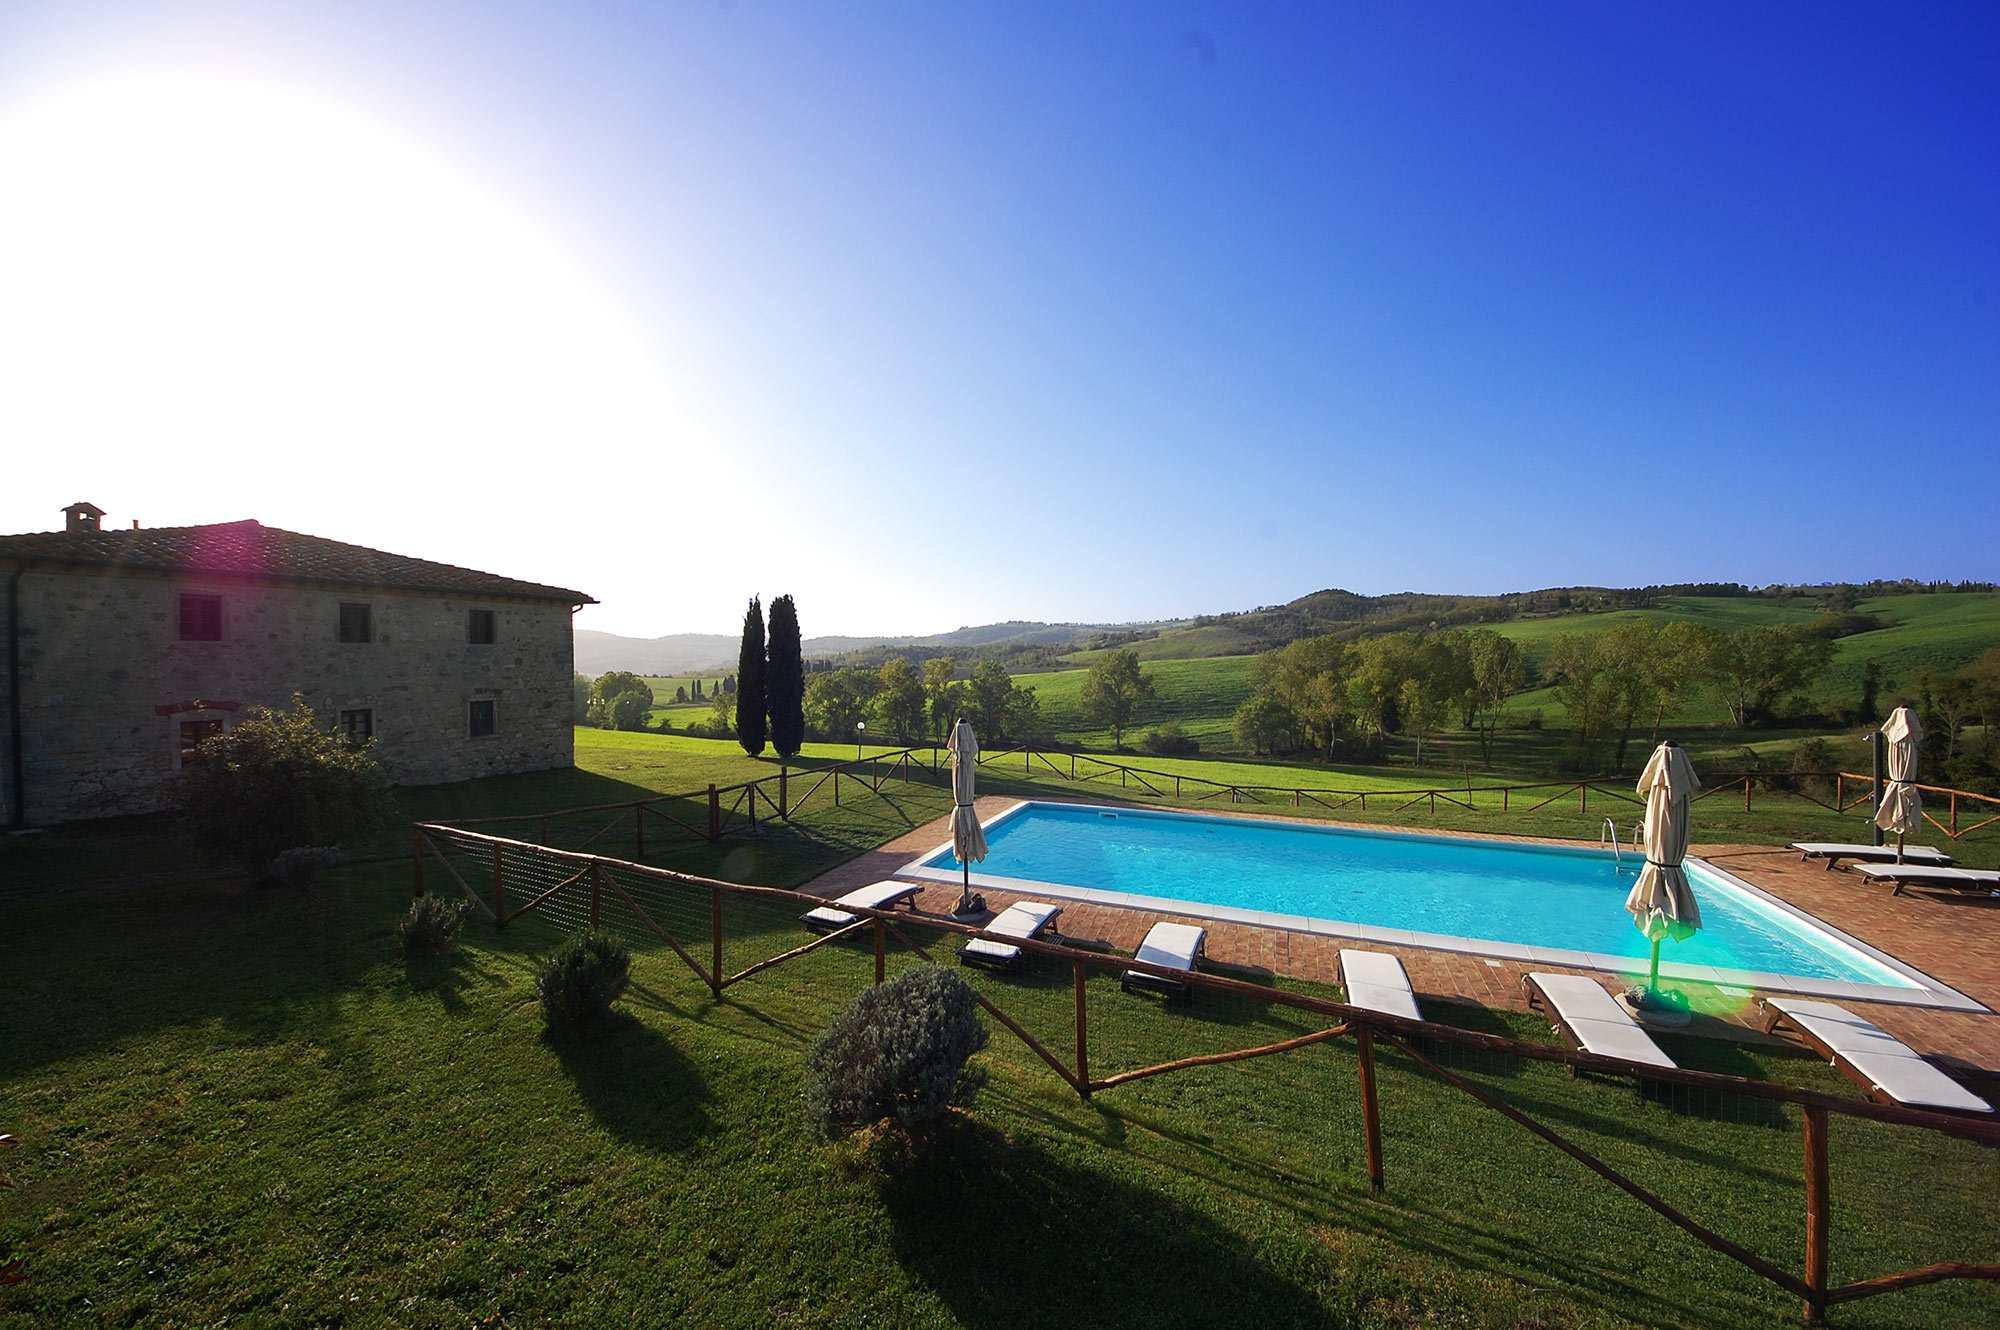 affitto villa toscana piscina 8 persone